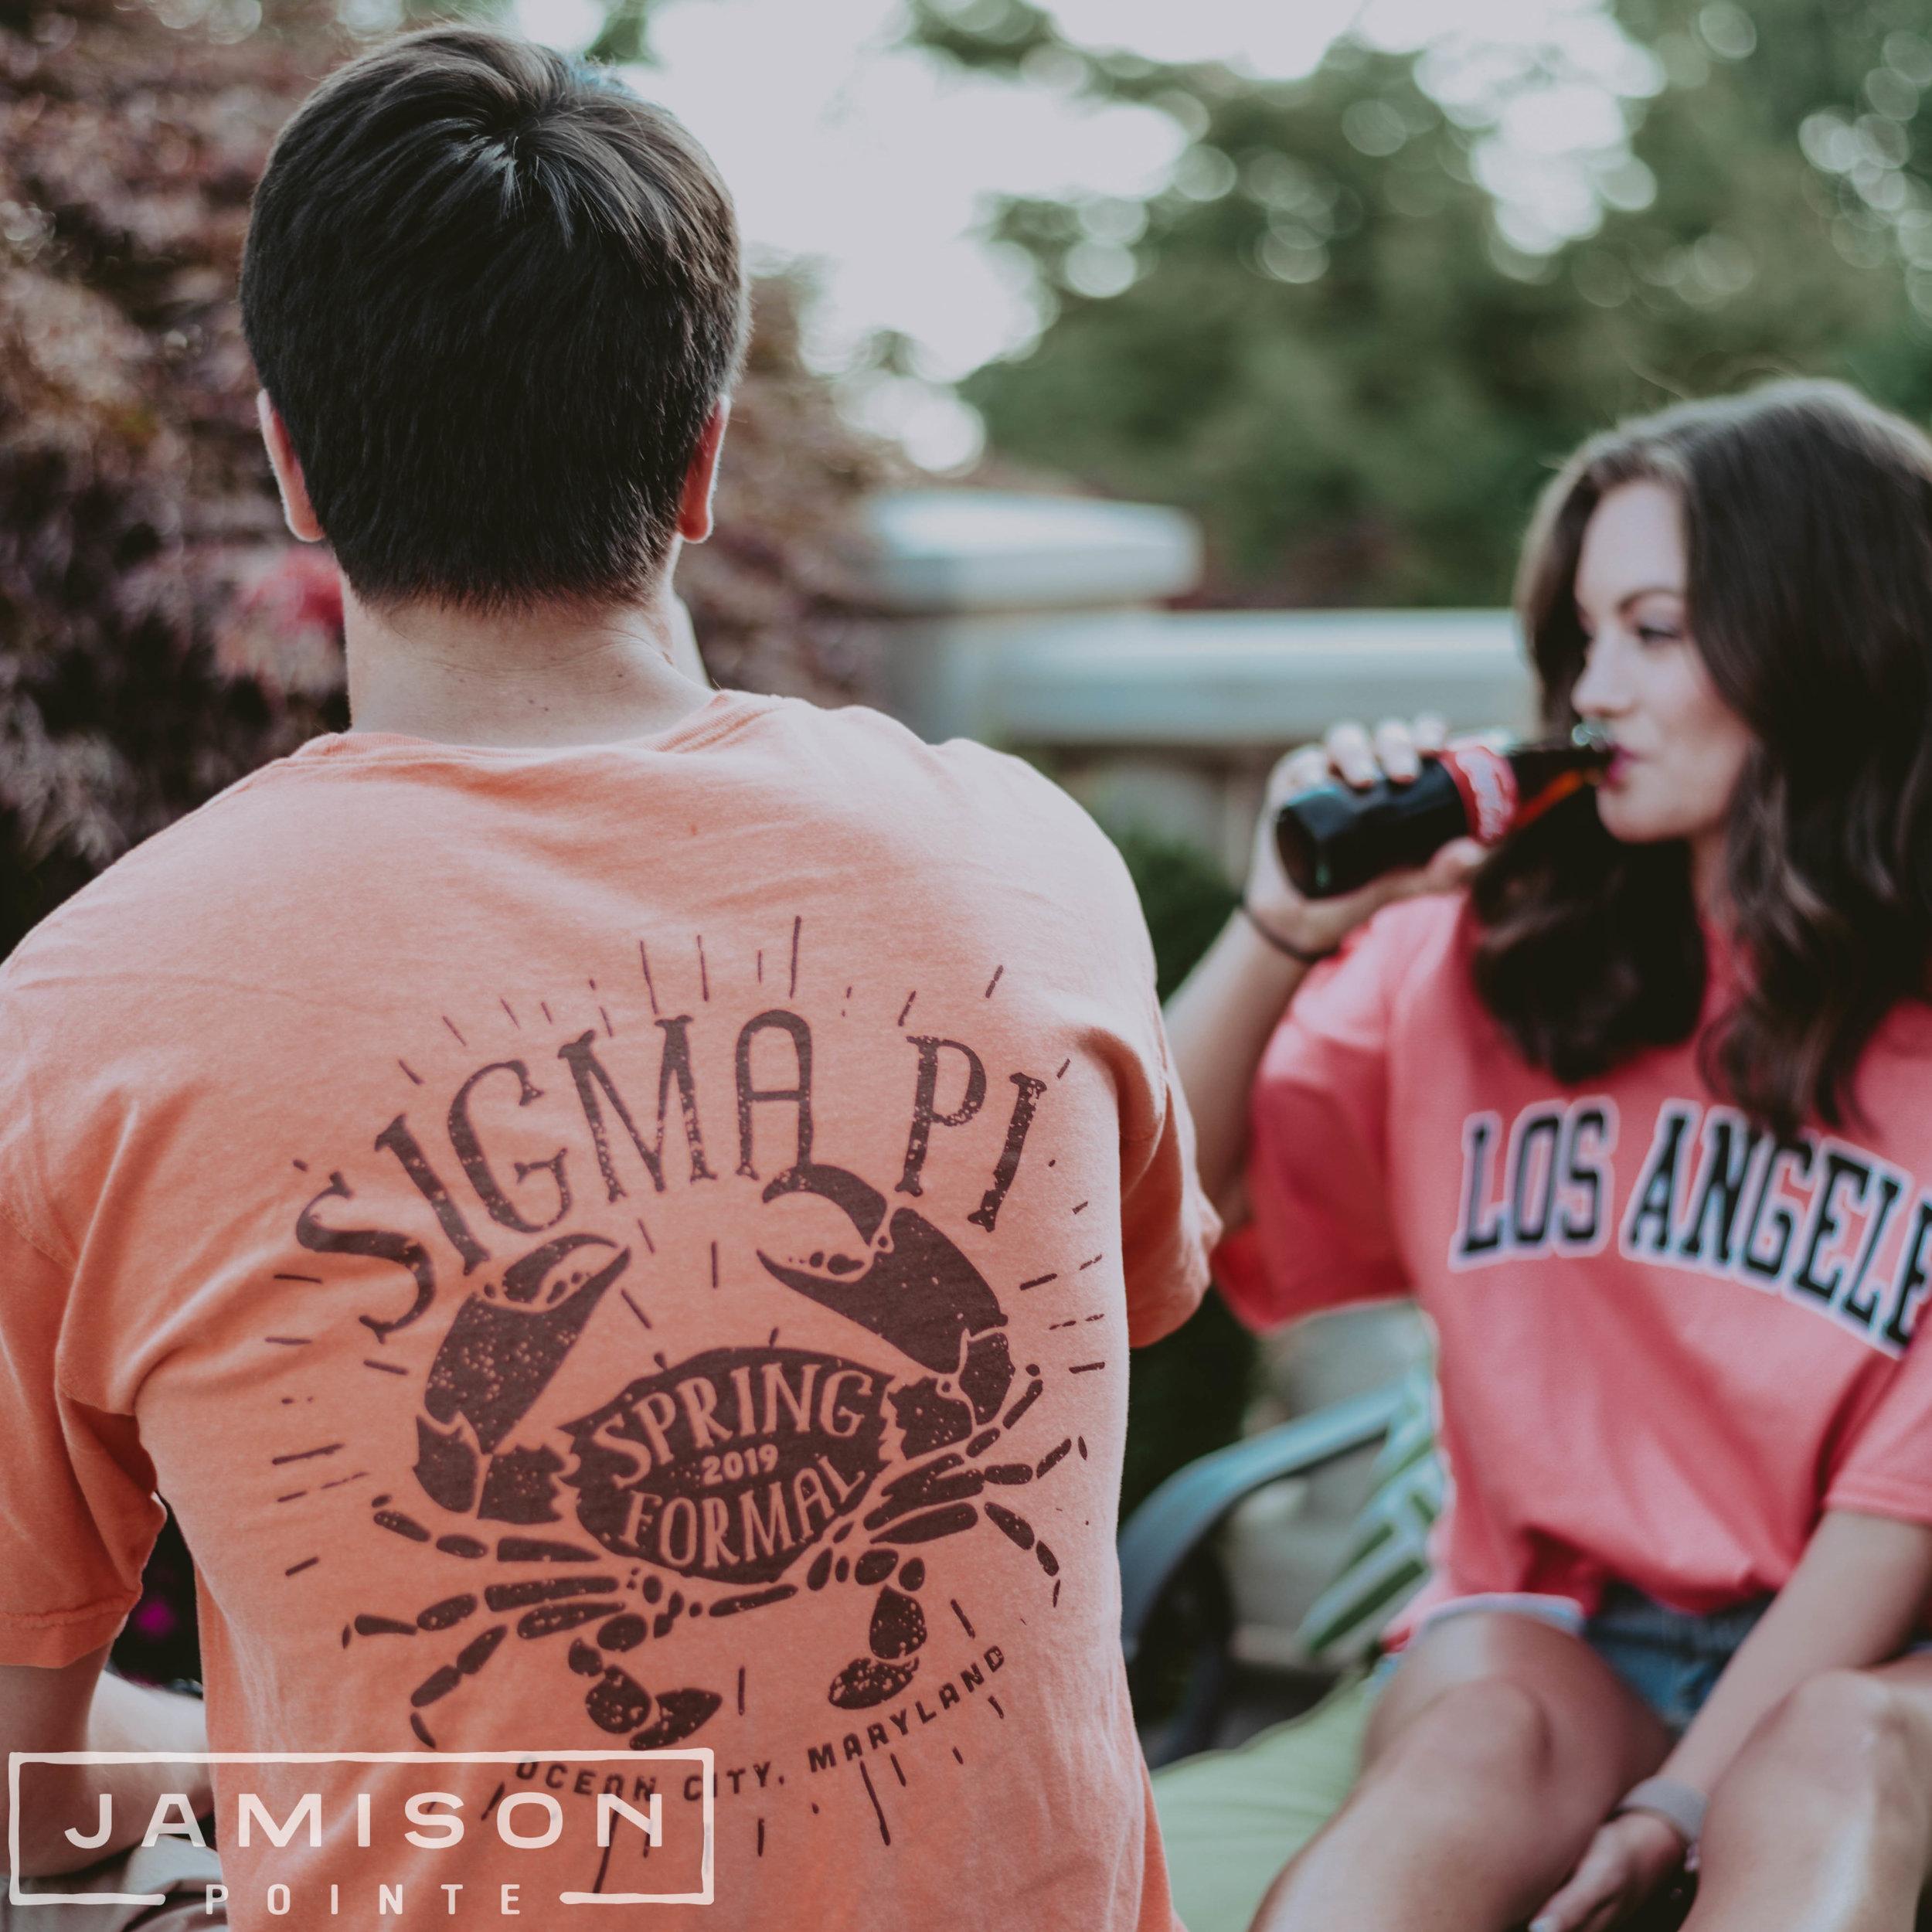 Sigma Pi Spring Formal Tshirt